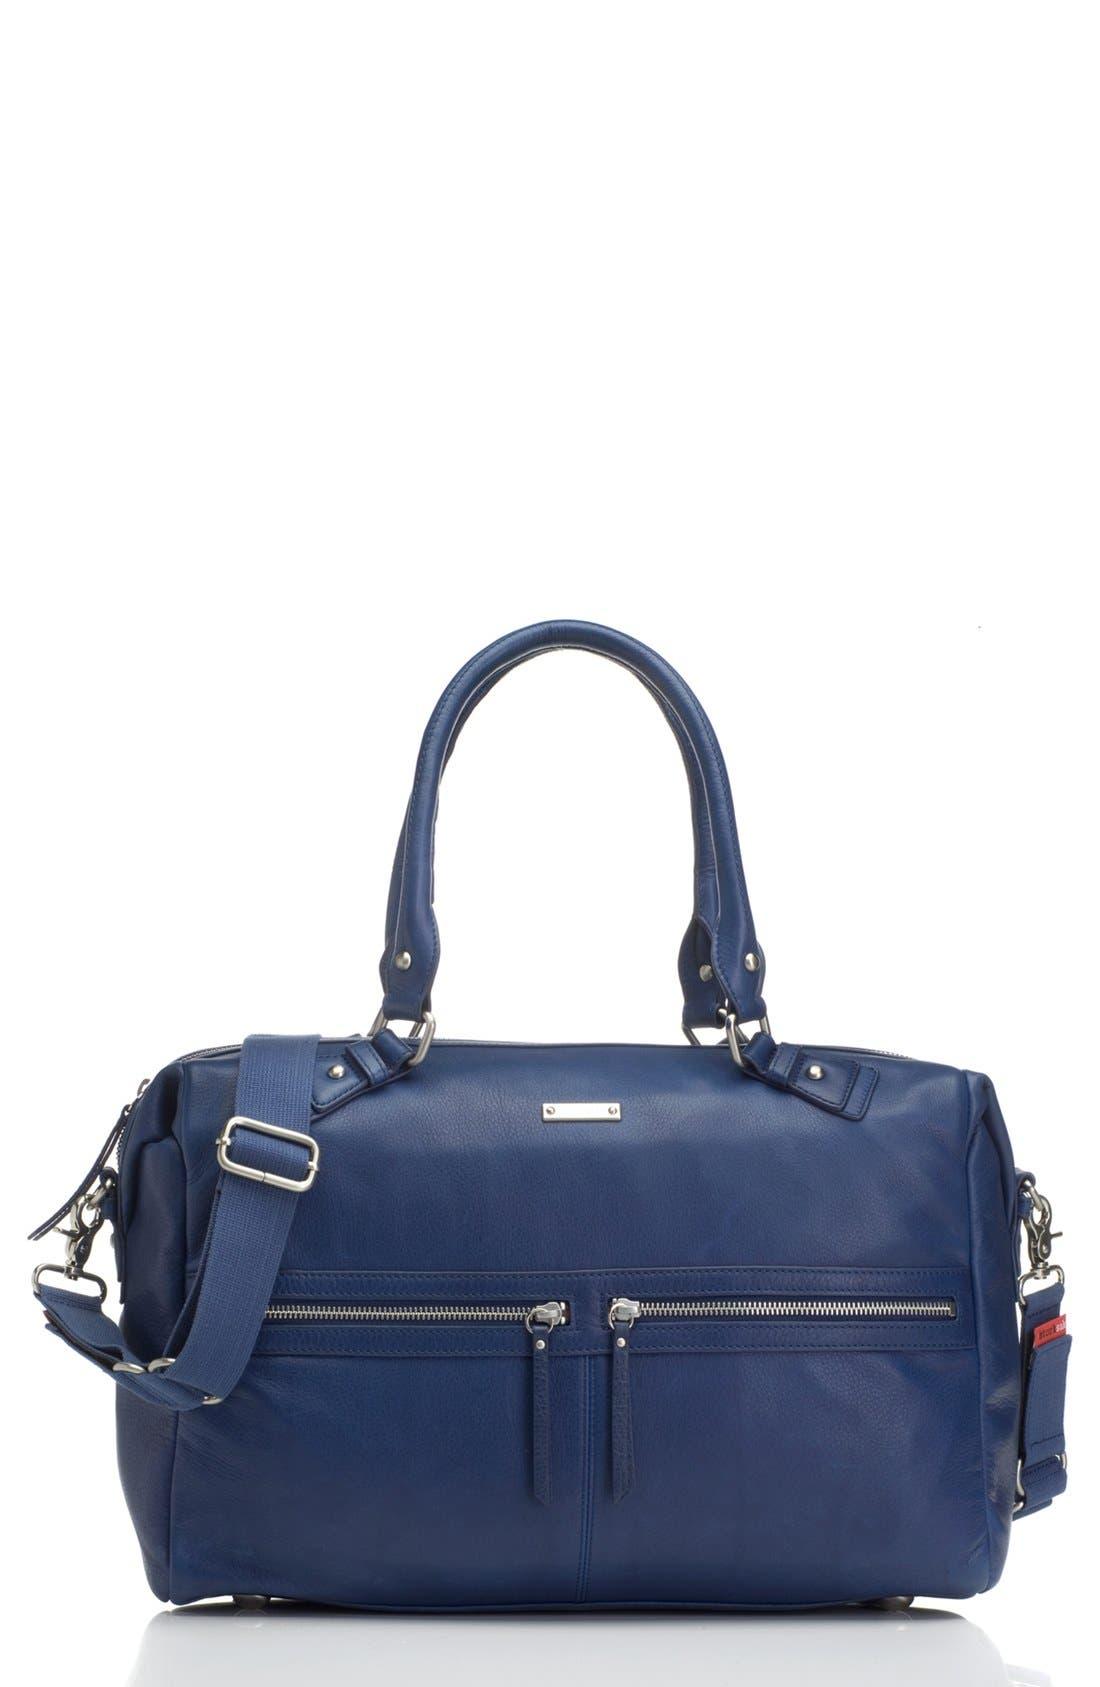 Main Image - Storksak 'Caroline' Leather Diaper Bag